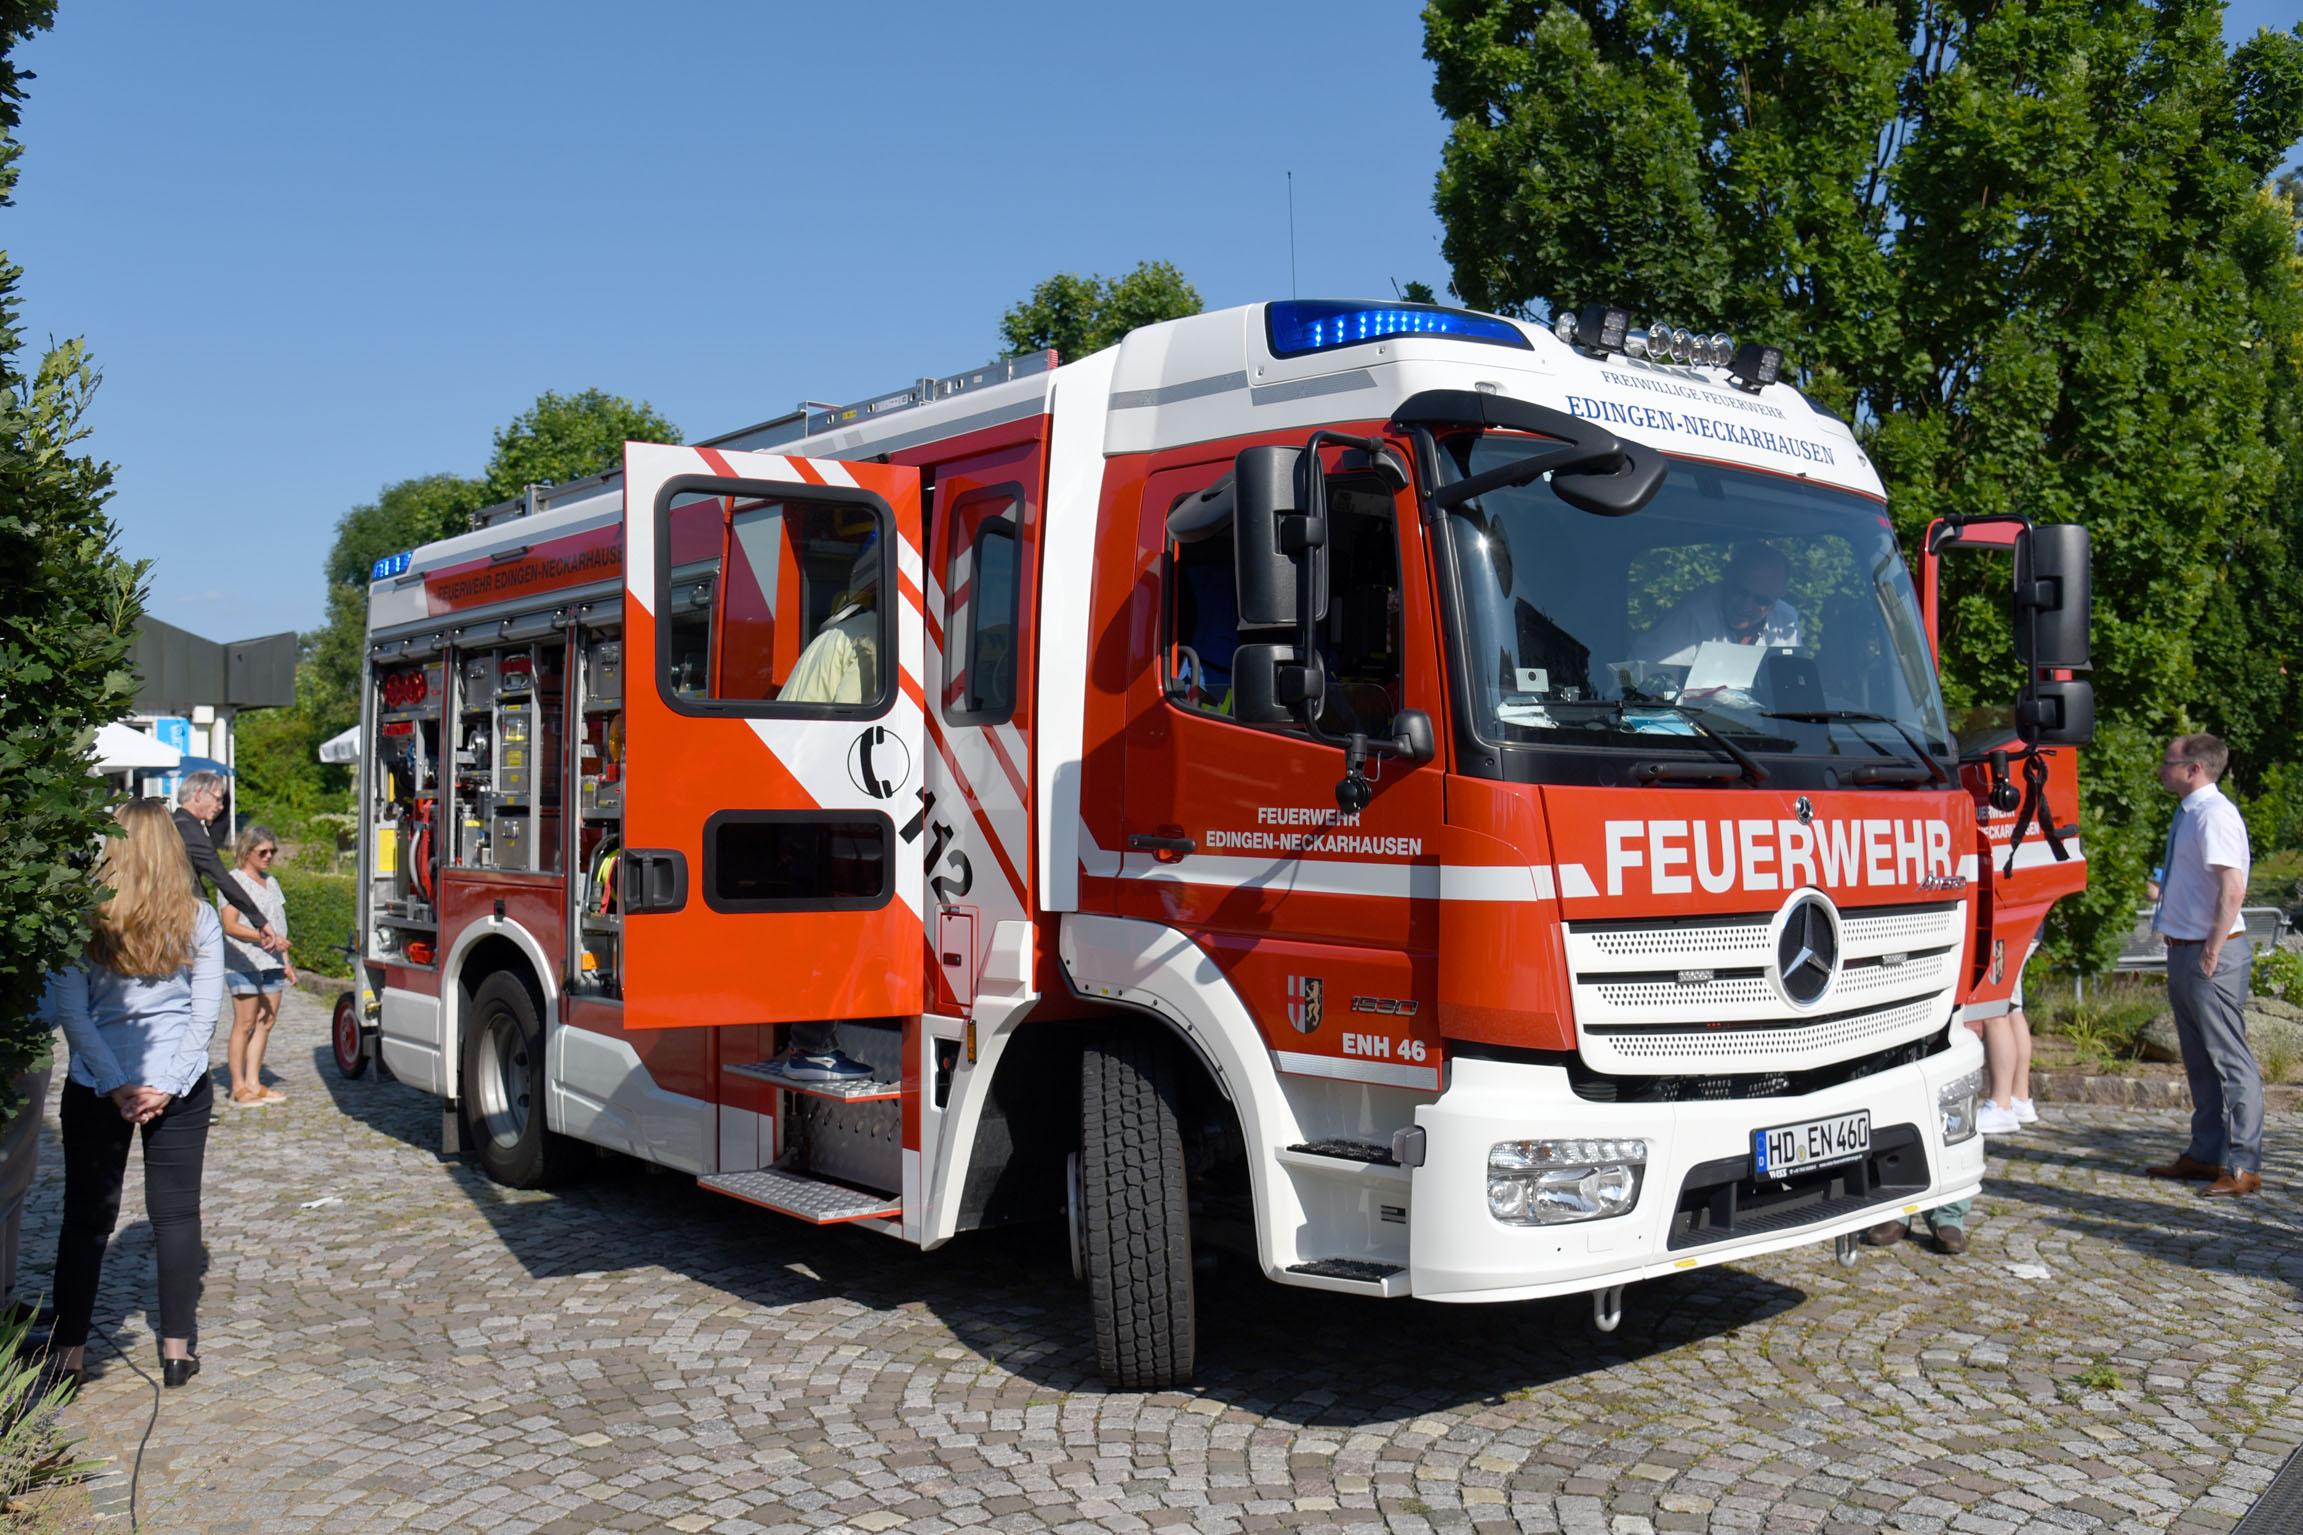 HLF20-Uebergabe03